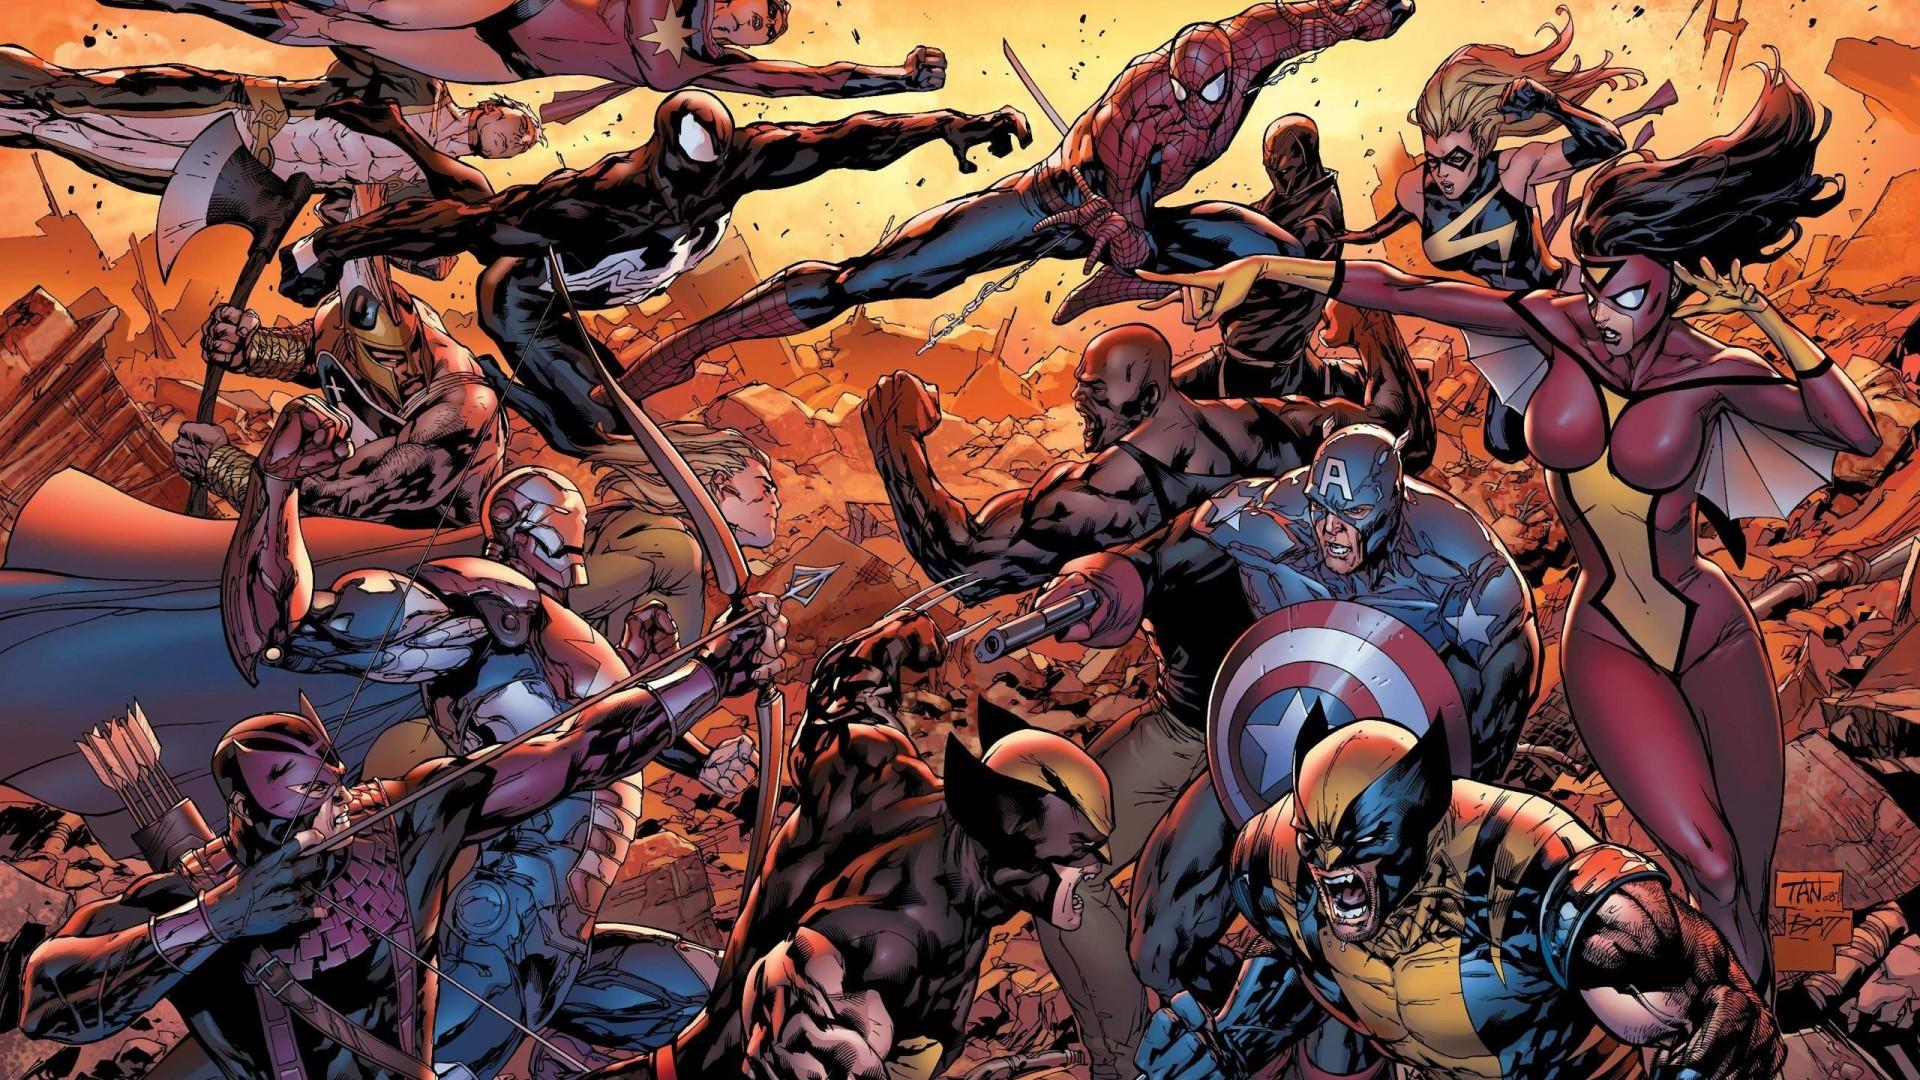 Marvel Comics Wallpapers Download 1919158 Hd Wallpaper